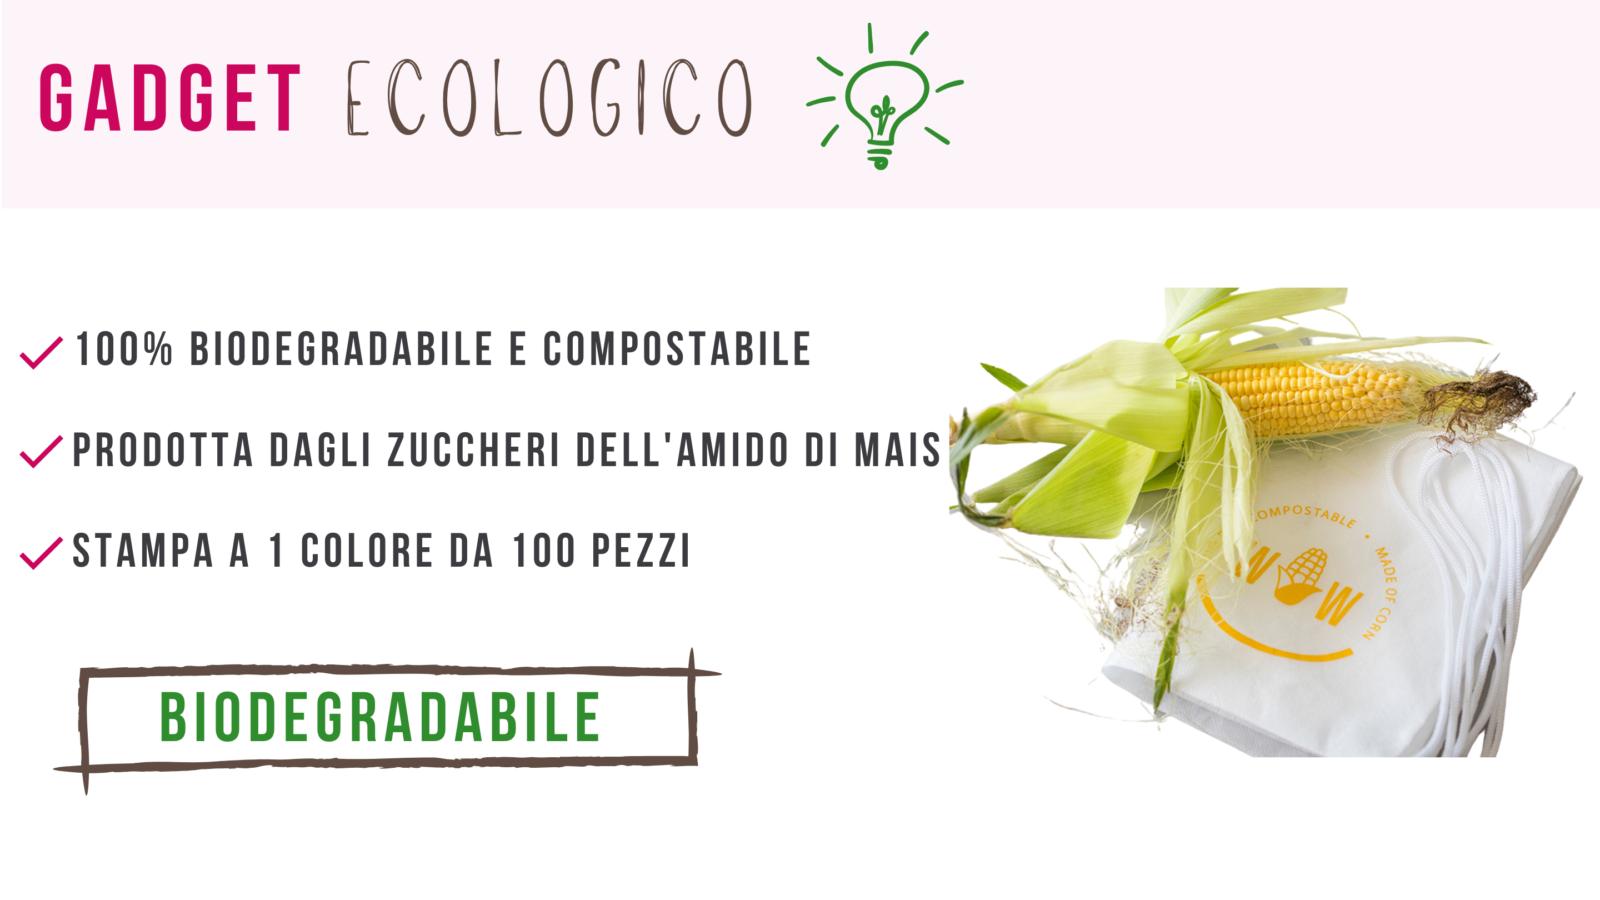 gadget ecosostenibile biodedradabile